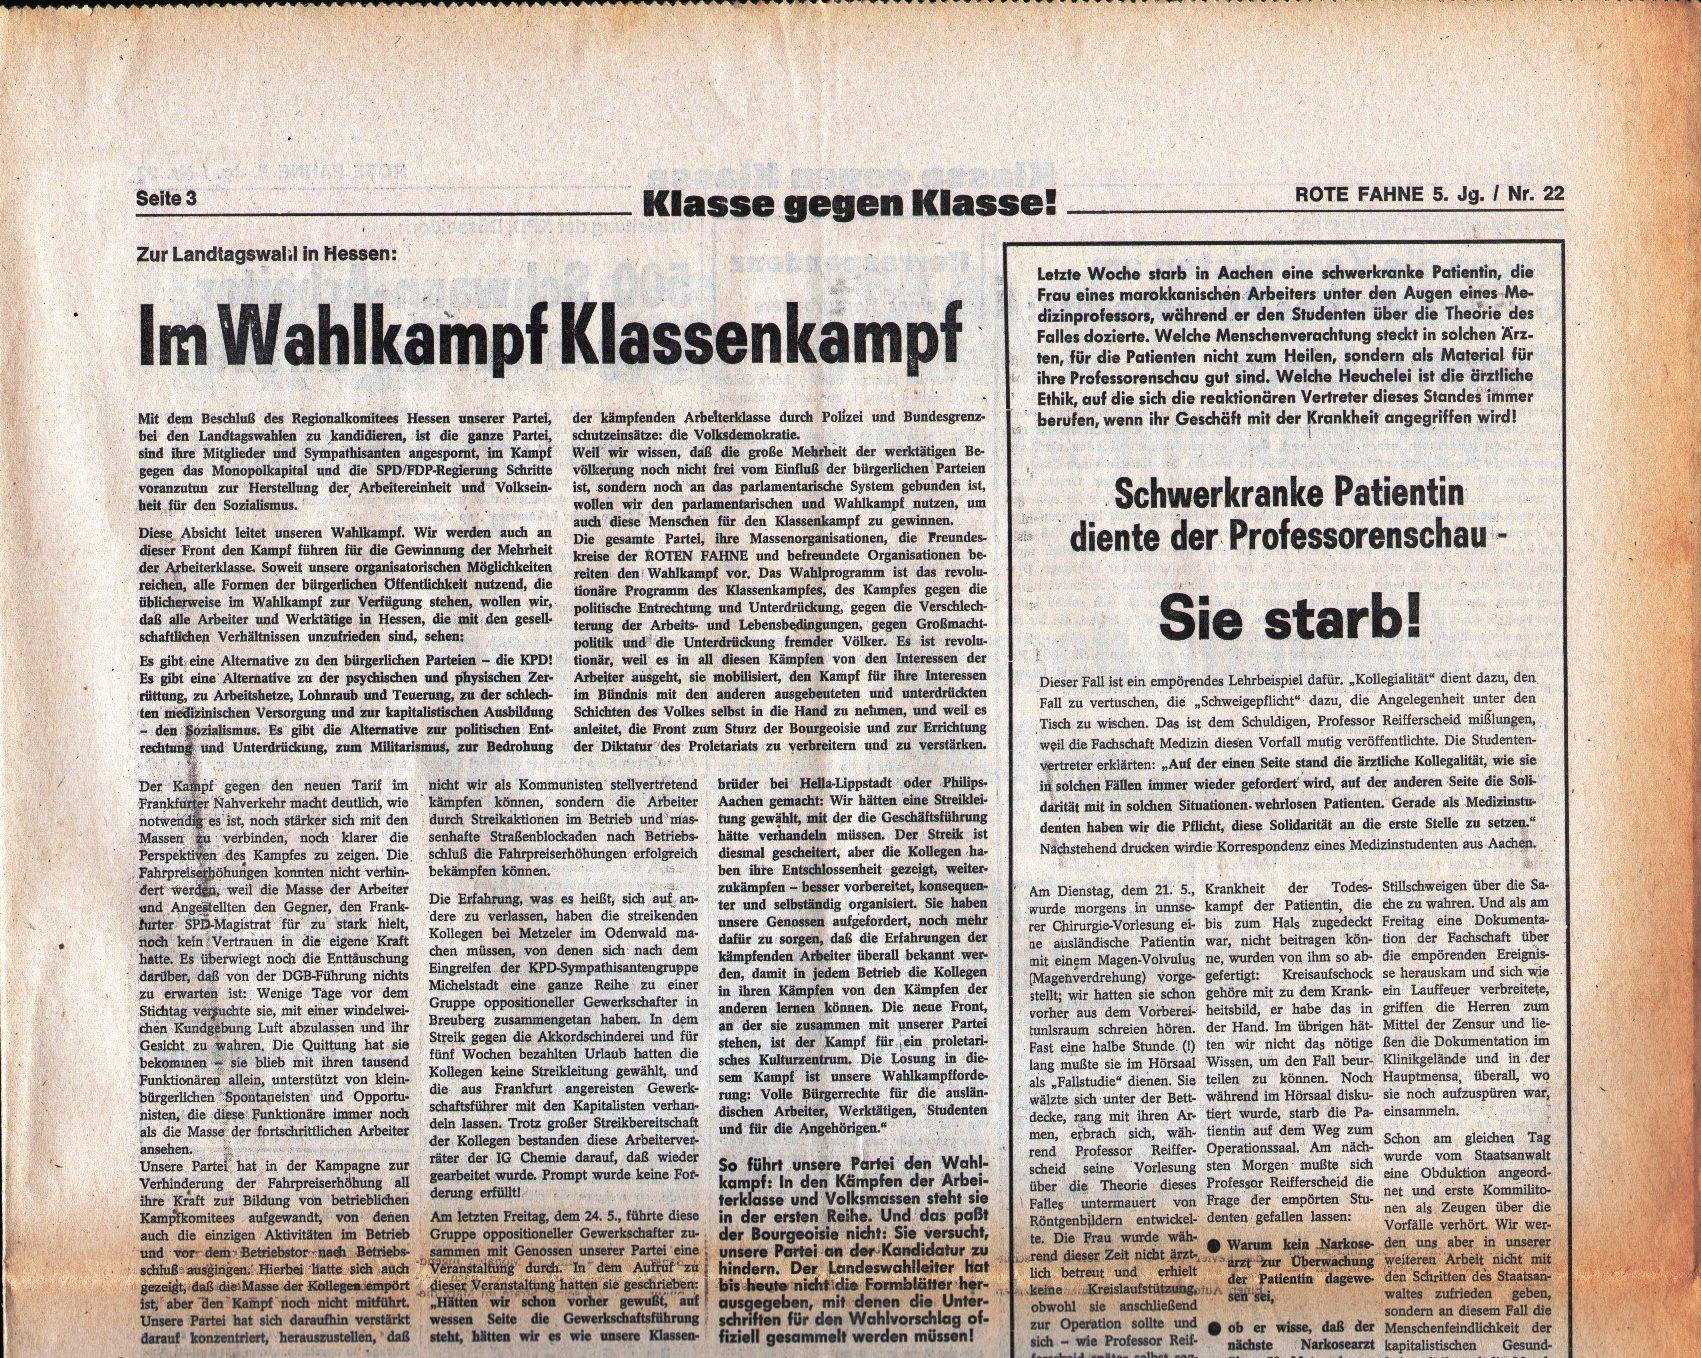 KPD_Rote_Fahne_1974_22_05